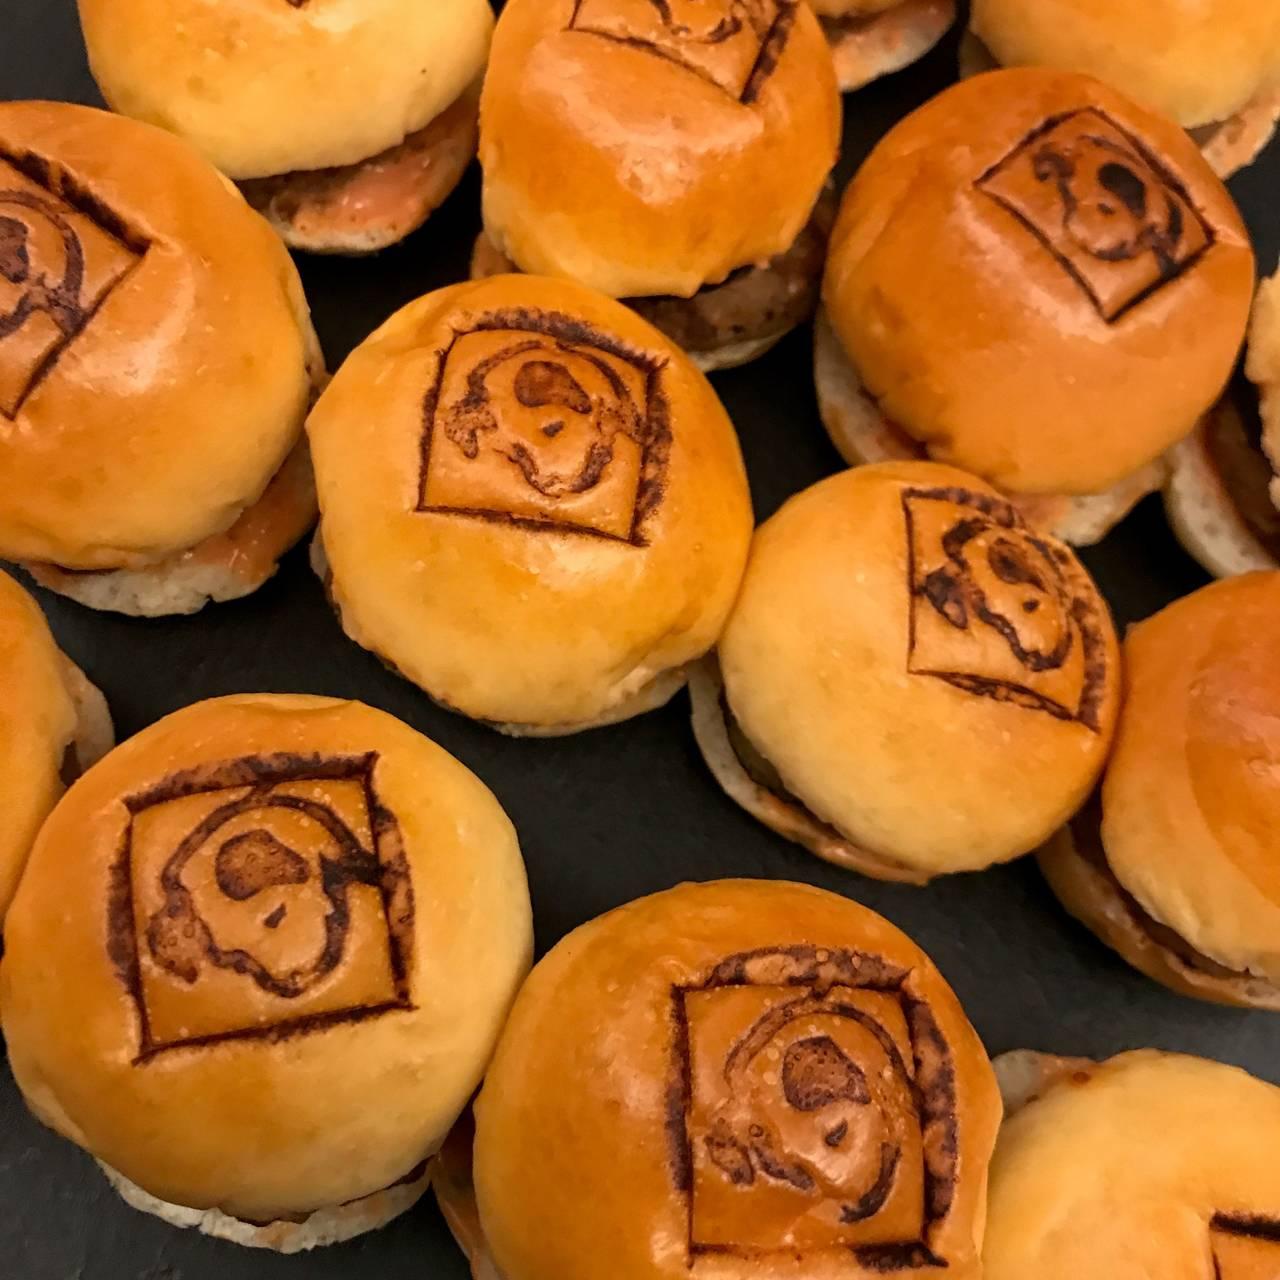 ニッパー君焼印なミニ・ハンバーガー